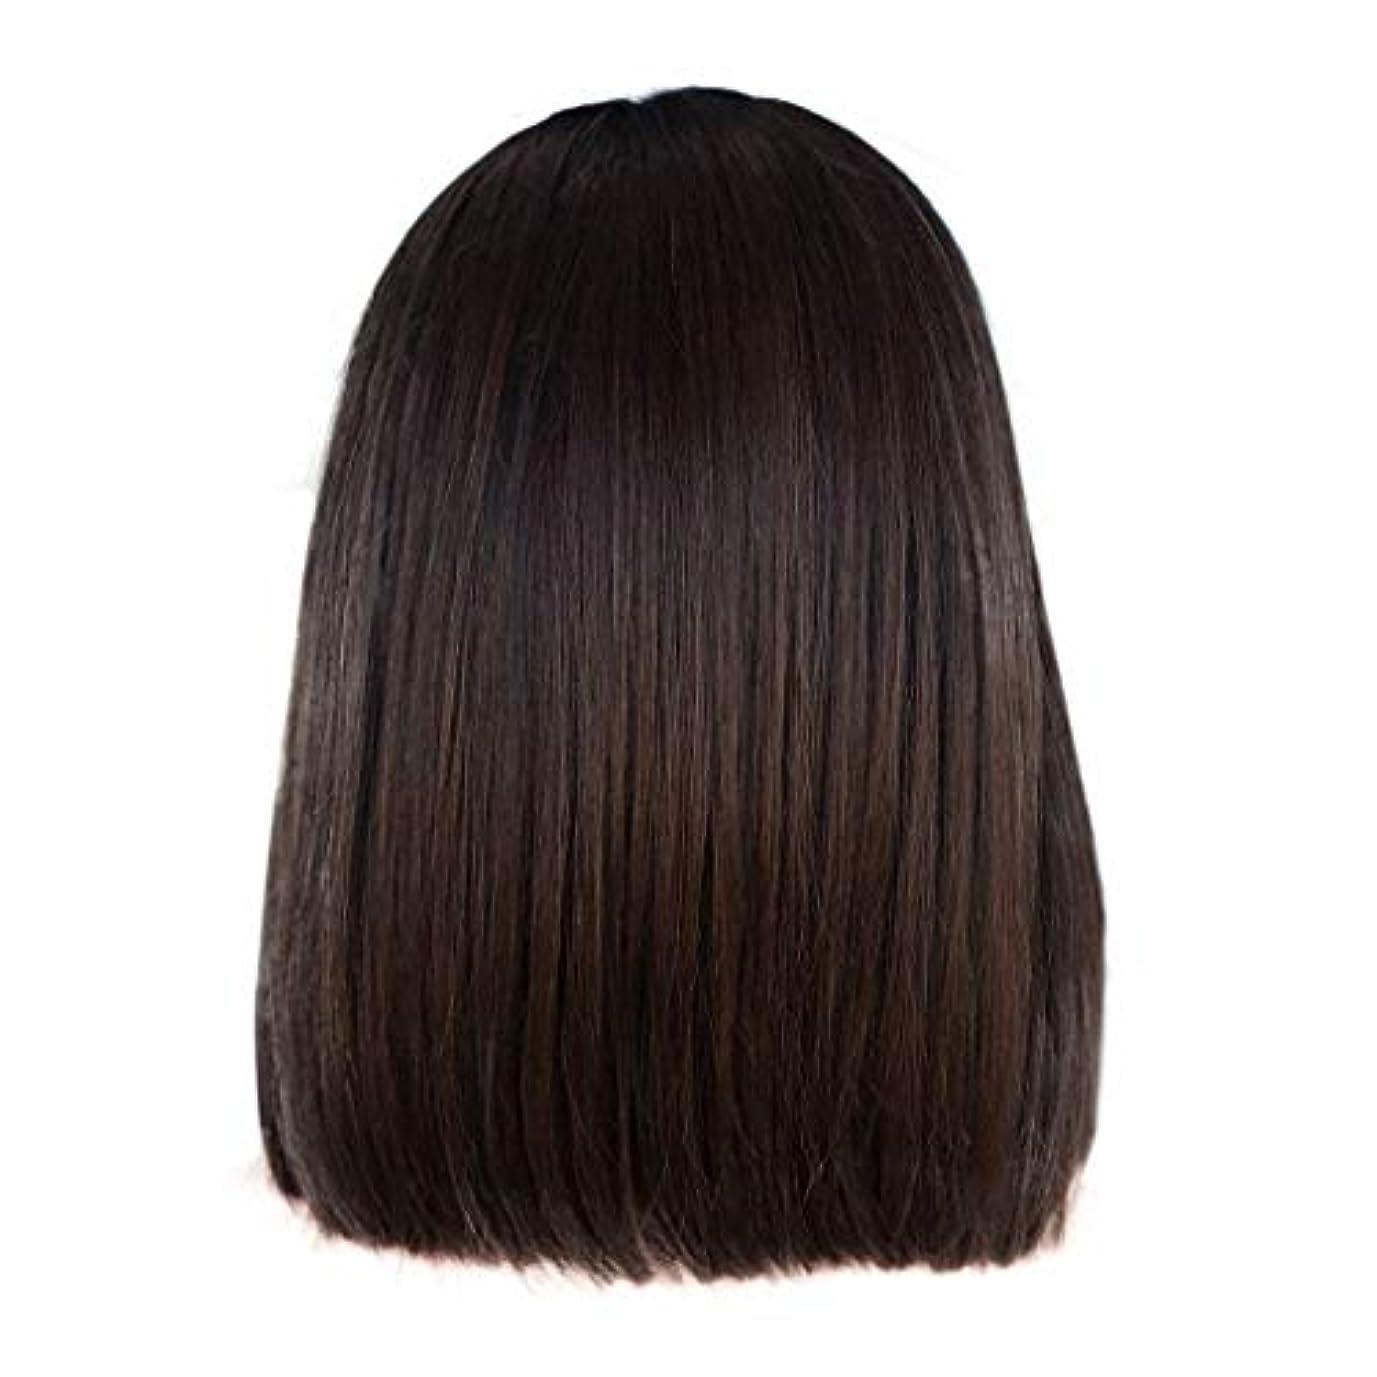 ミルマーチャンダイザー抵当かつら女性の短いストレートヘアブラウンの化学繊維のフロントレースかつら14インチ